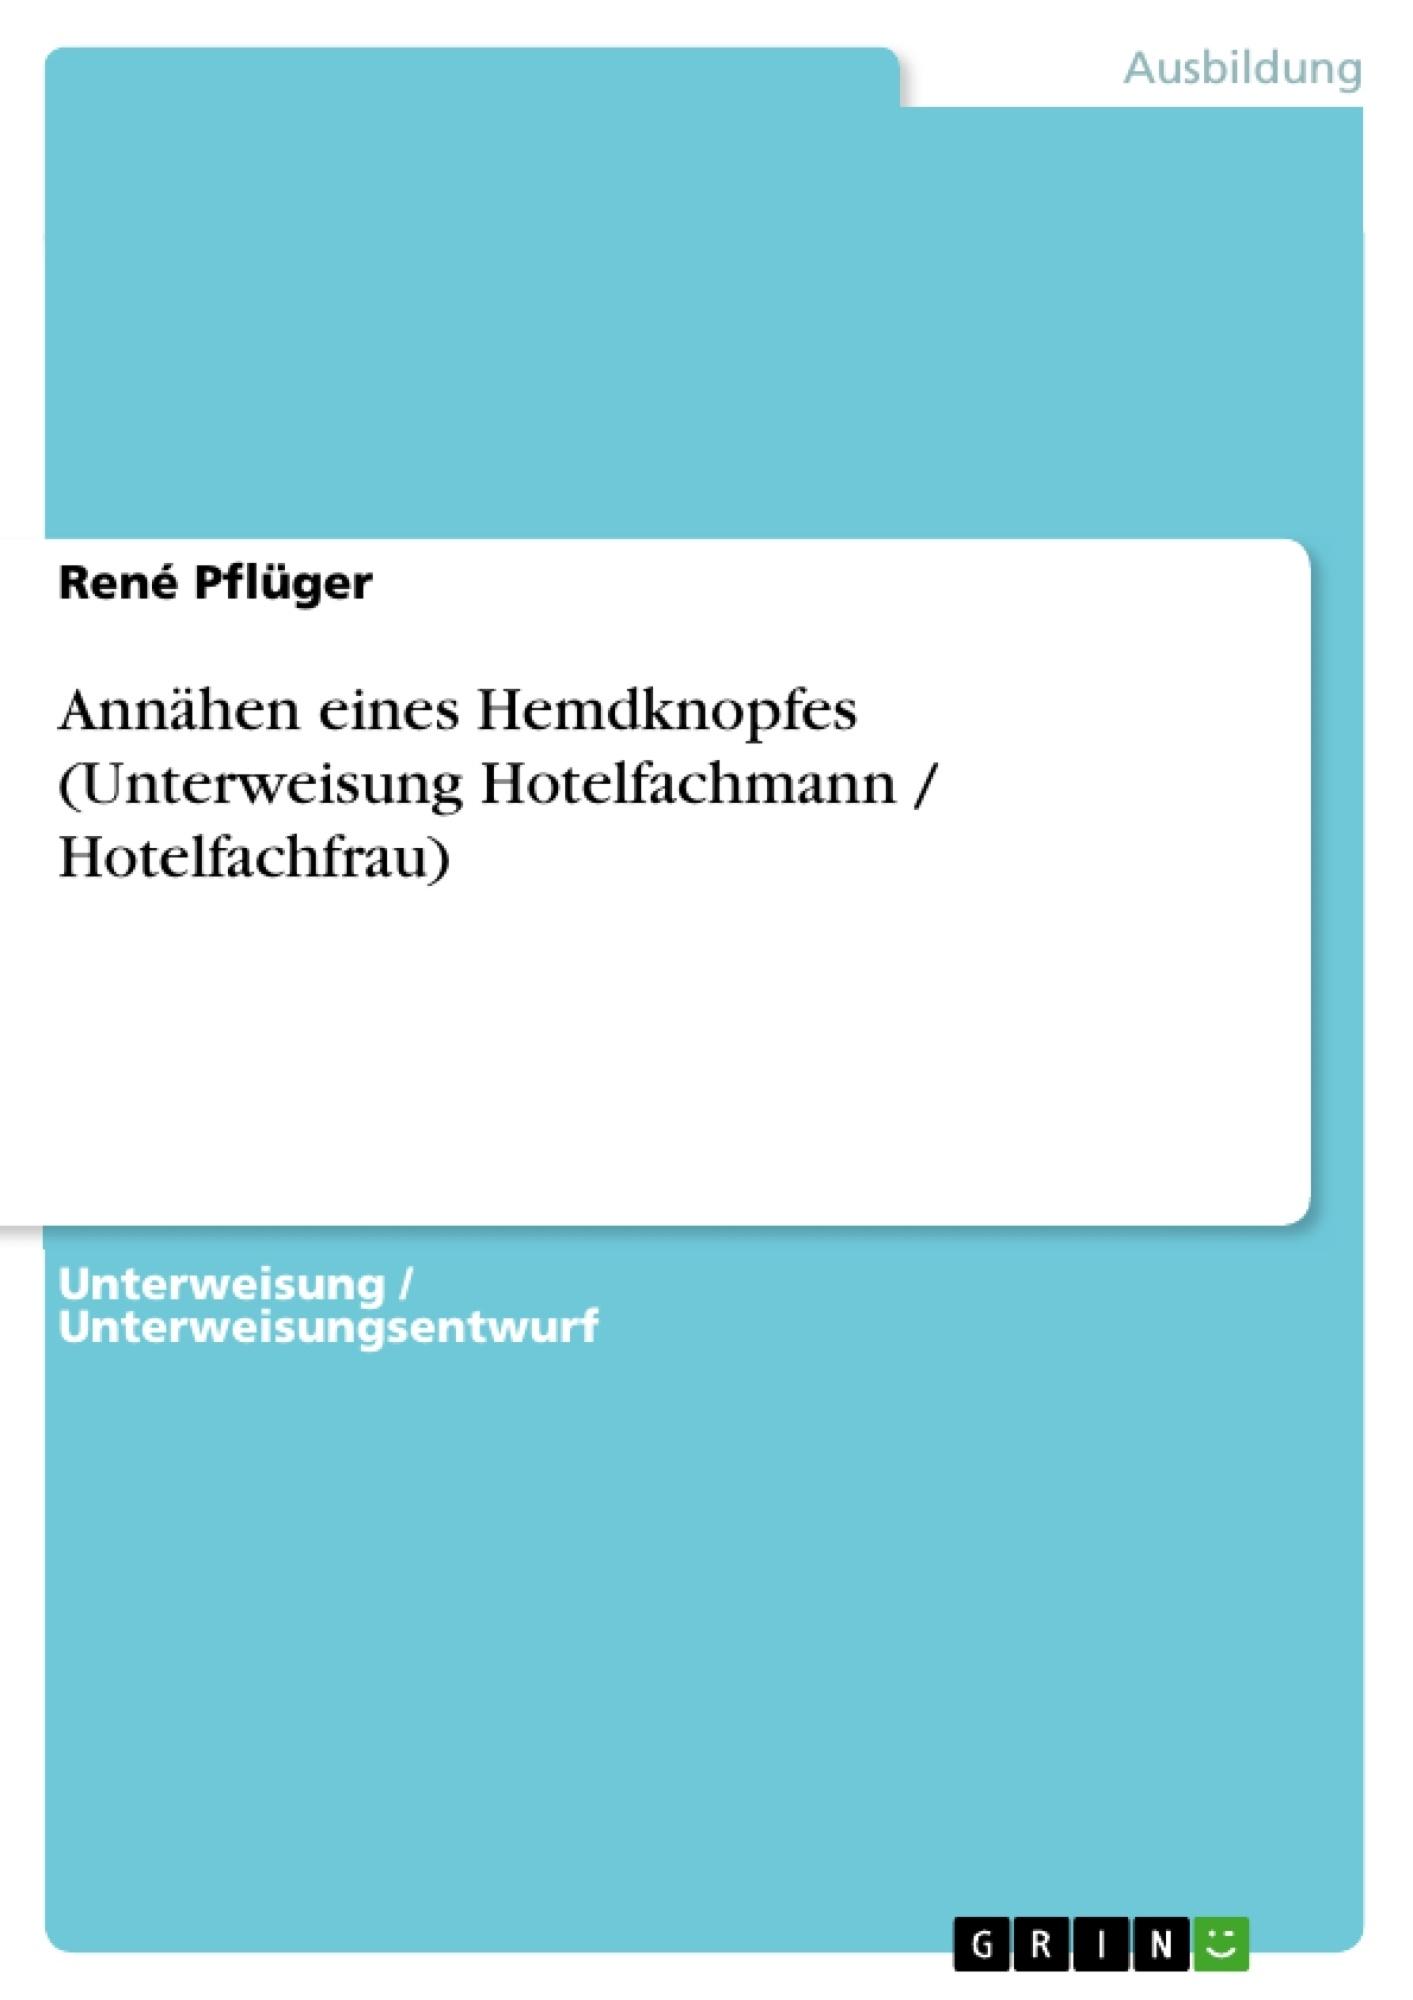 Titel: Annähen eines Hemdknopfes (Unterweisung Hotelfachmann / Hotelfachfrau)